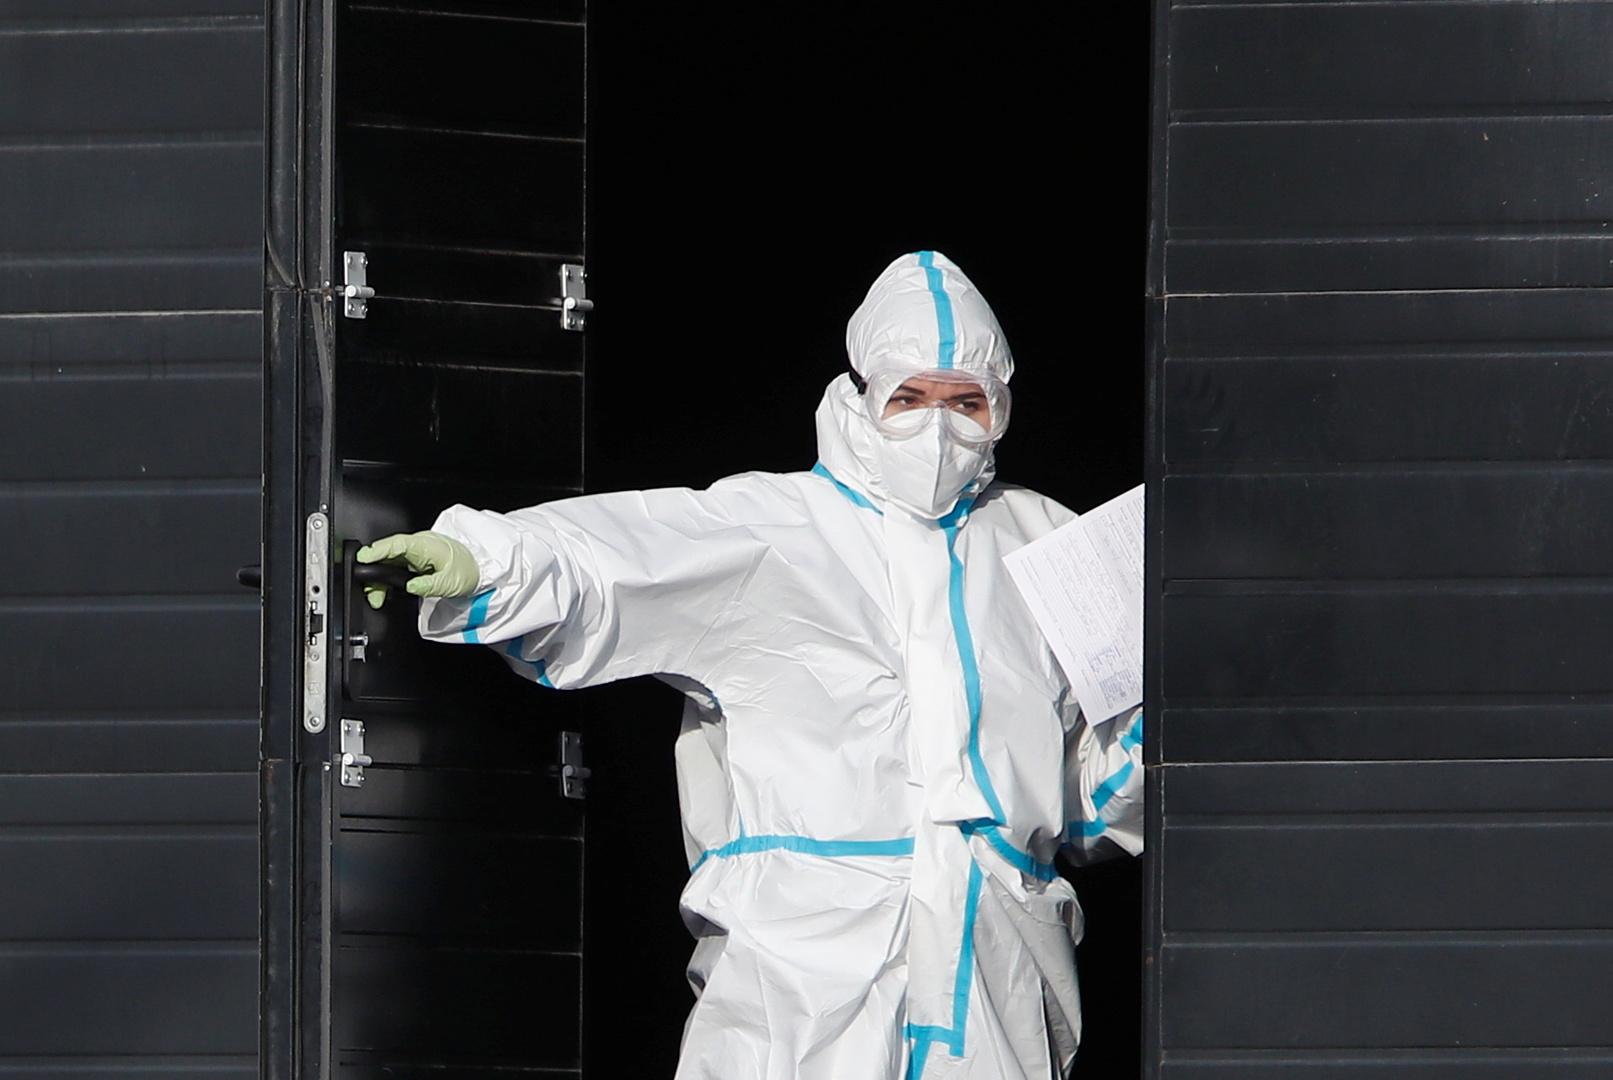 خبير روسي يوضح أسباب انخفاض عدد الإصابات بفيروس كورونا خلال الفترة الأخيرة